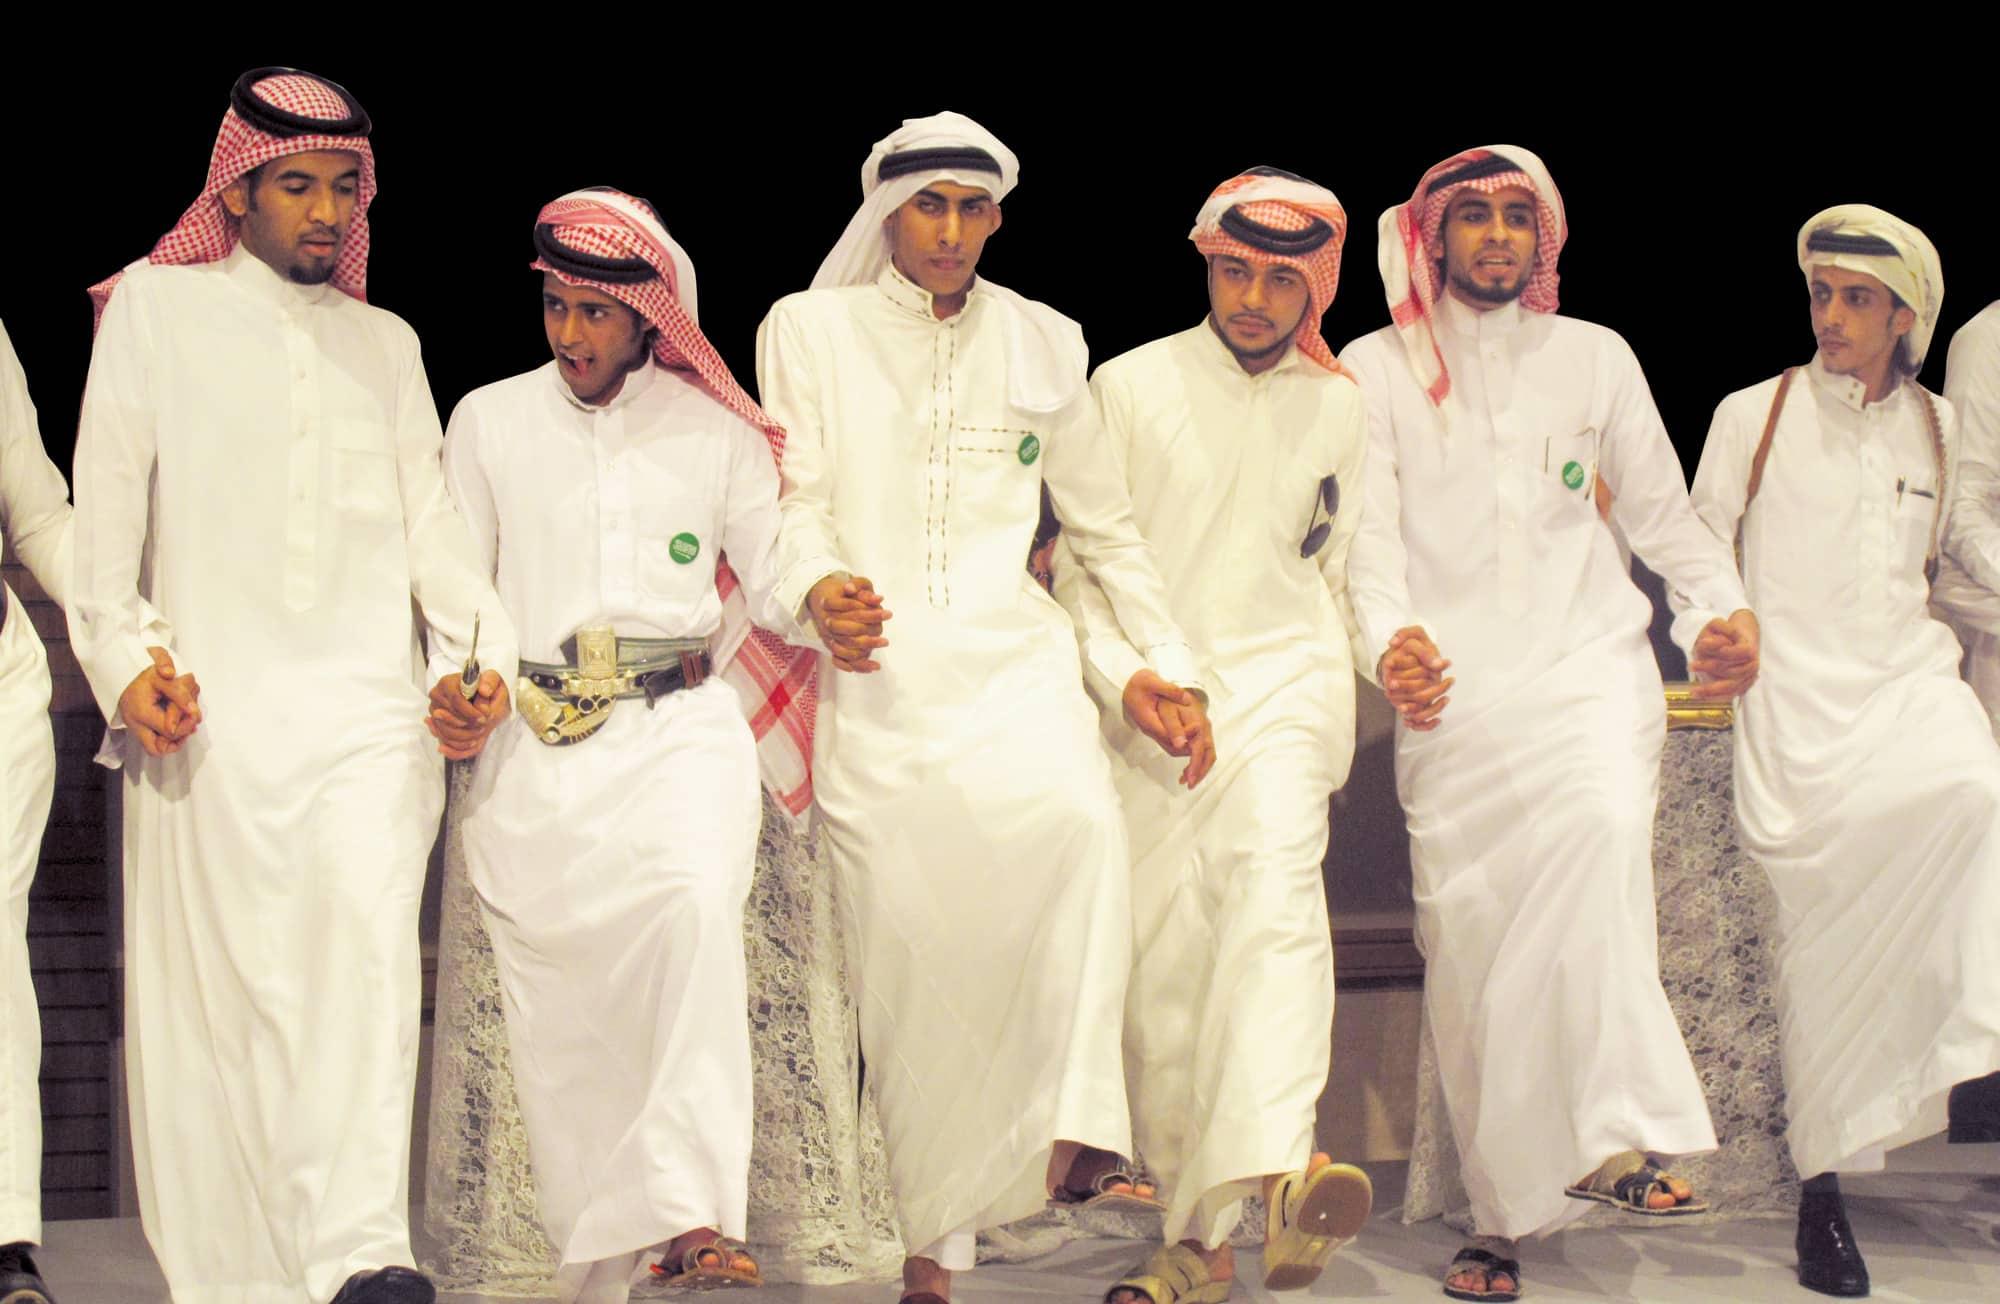 Как живет народ в саудовской аравии